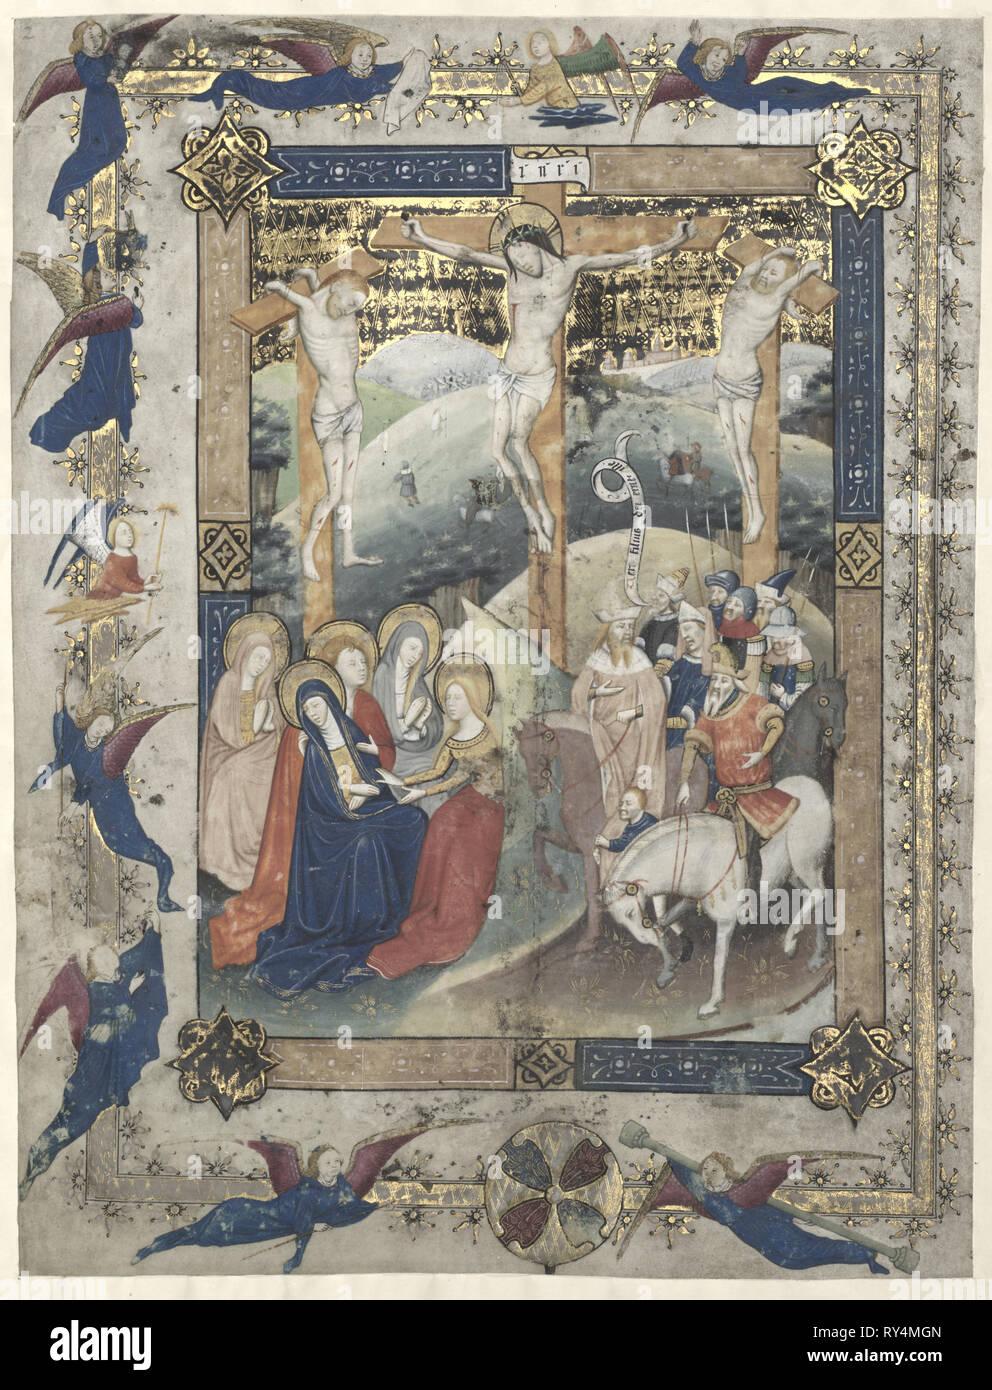 Feuille d'un missel romain: La Crucifixion (frontispice pour le Canon de la Messe), ch. 1440-1450. Maître de Otto van Moerdrecht Russisch (). Encre, tempera, et d'or sur vélin; feuille: 33,6 x 25,5 cm (13 1/4 x 10 1/16 in.); pans: 63,5 x 48,3 cm (25 x 19 in.); enchevêtrées: 55,9 x 40,6 cm (22 x 16 in Banque D'Images